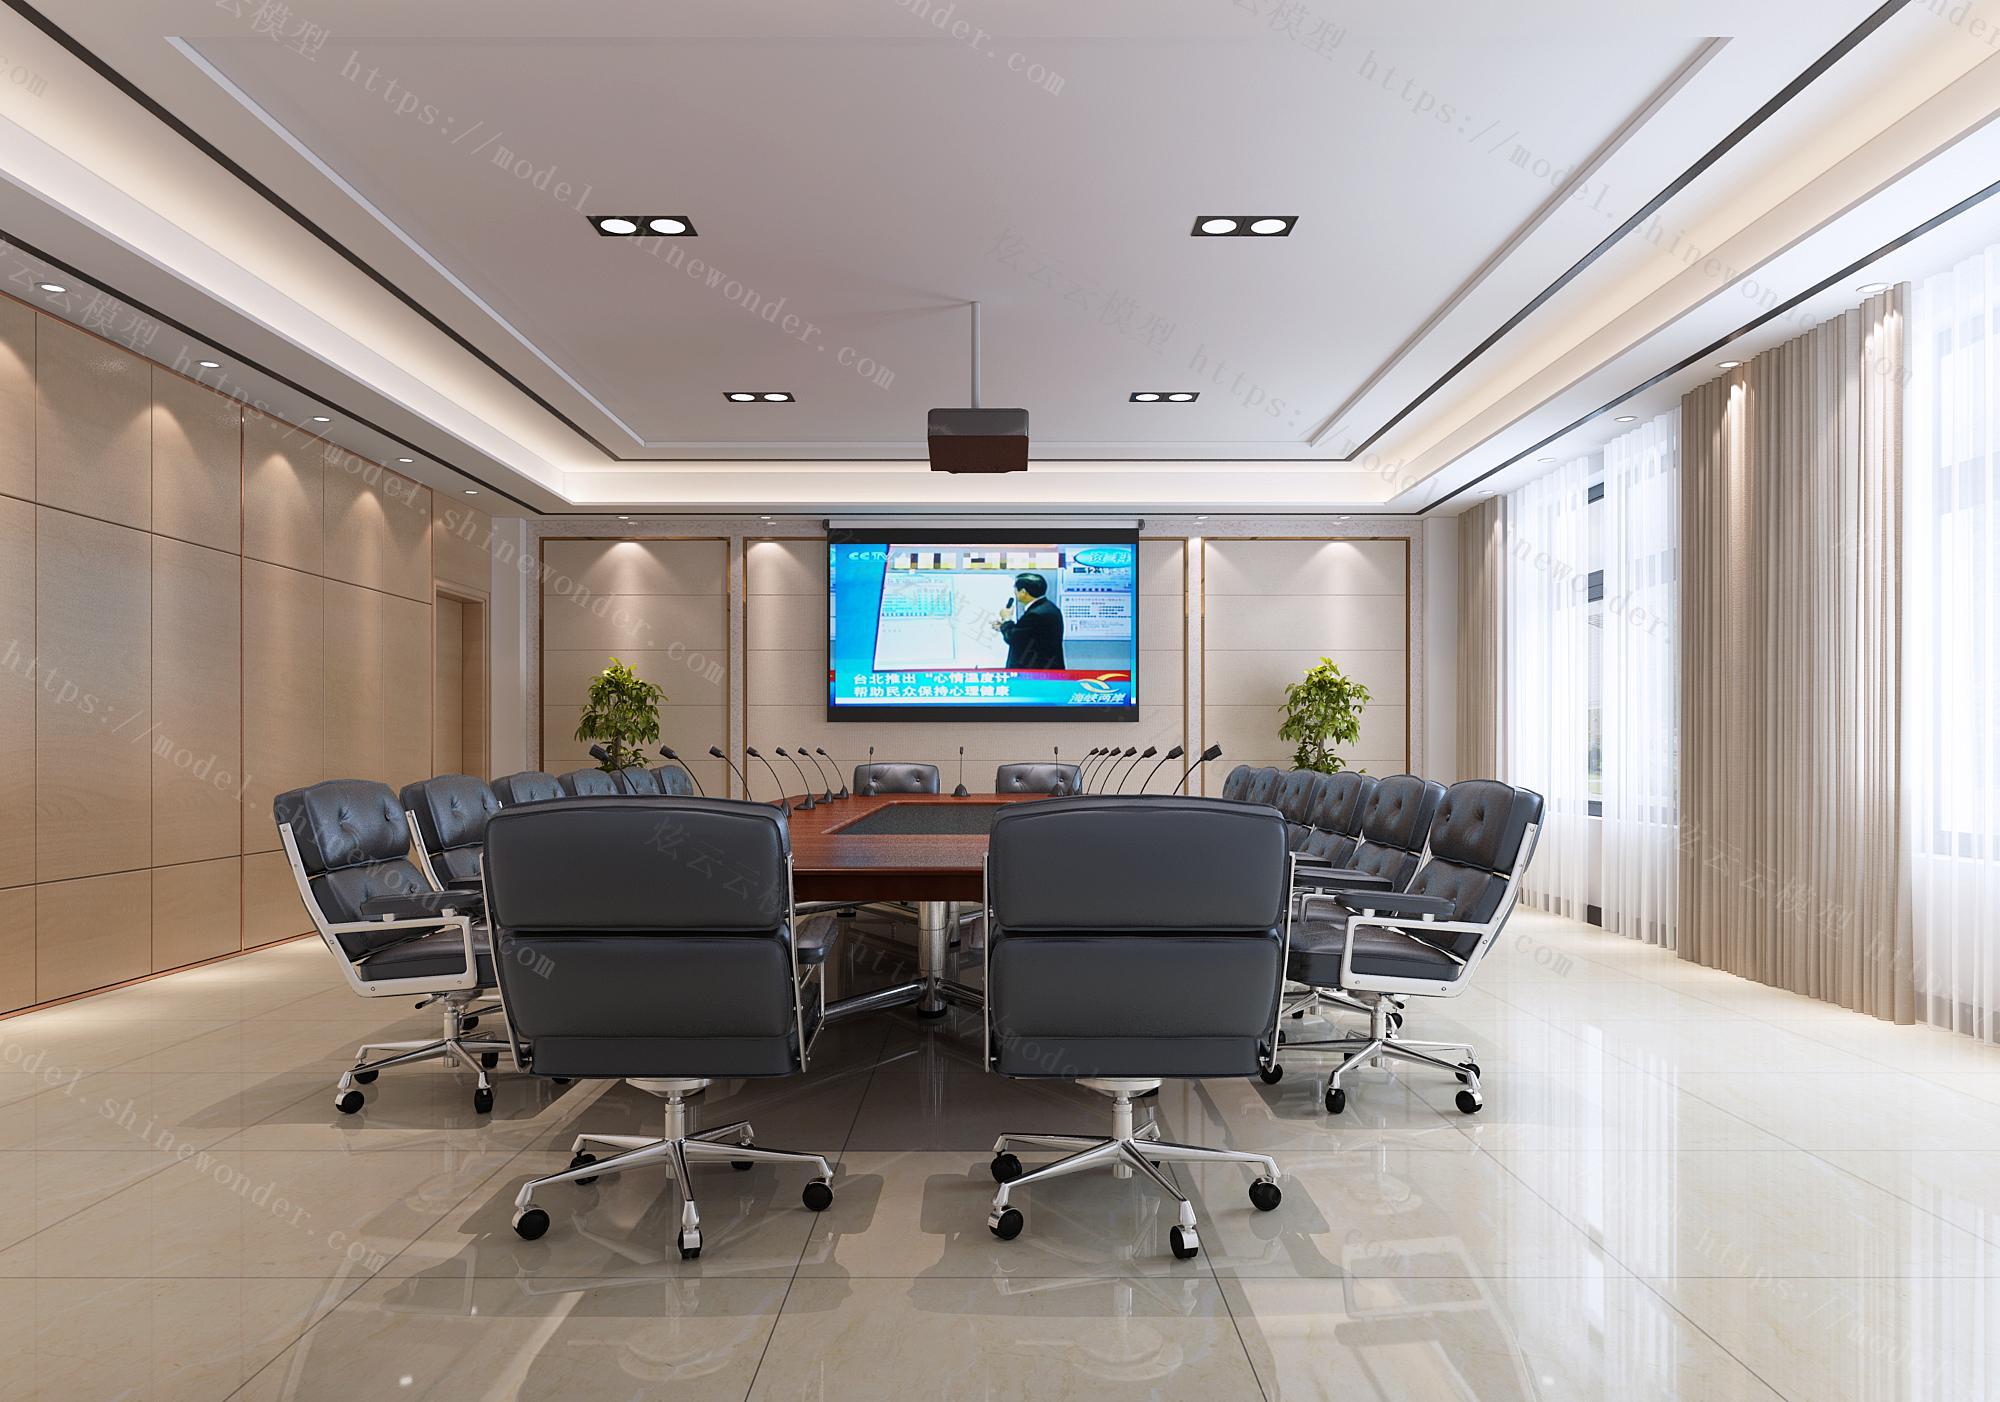 小会议室,会议室,小办公室,大会议室,模型